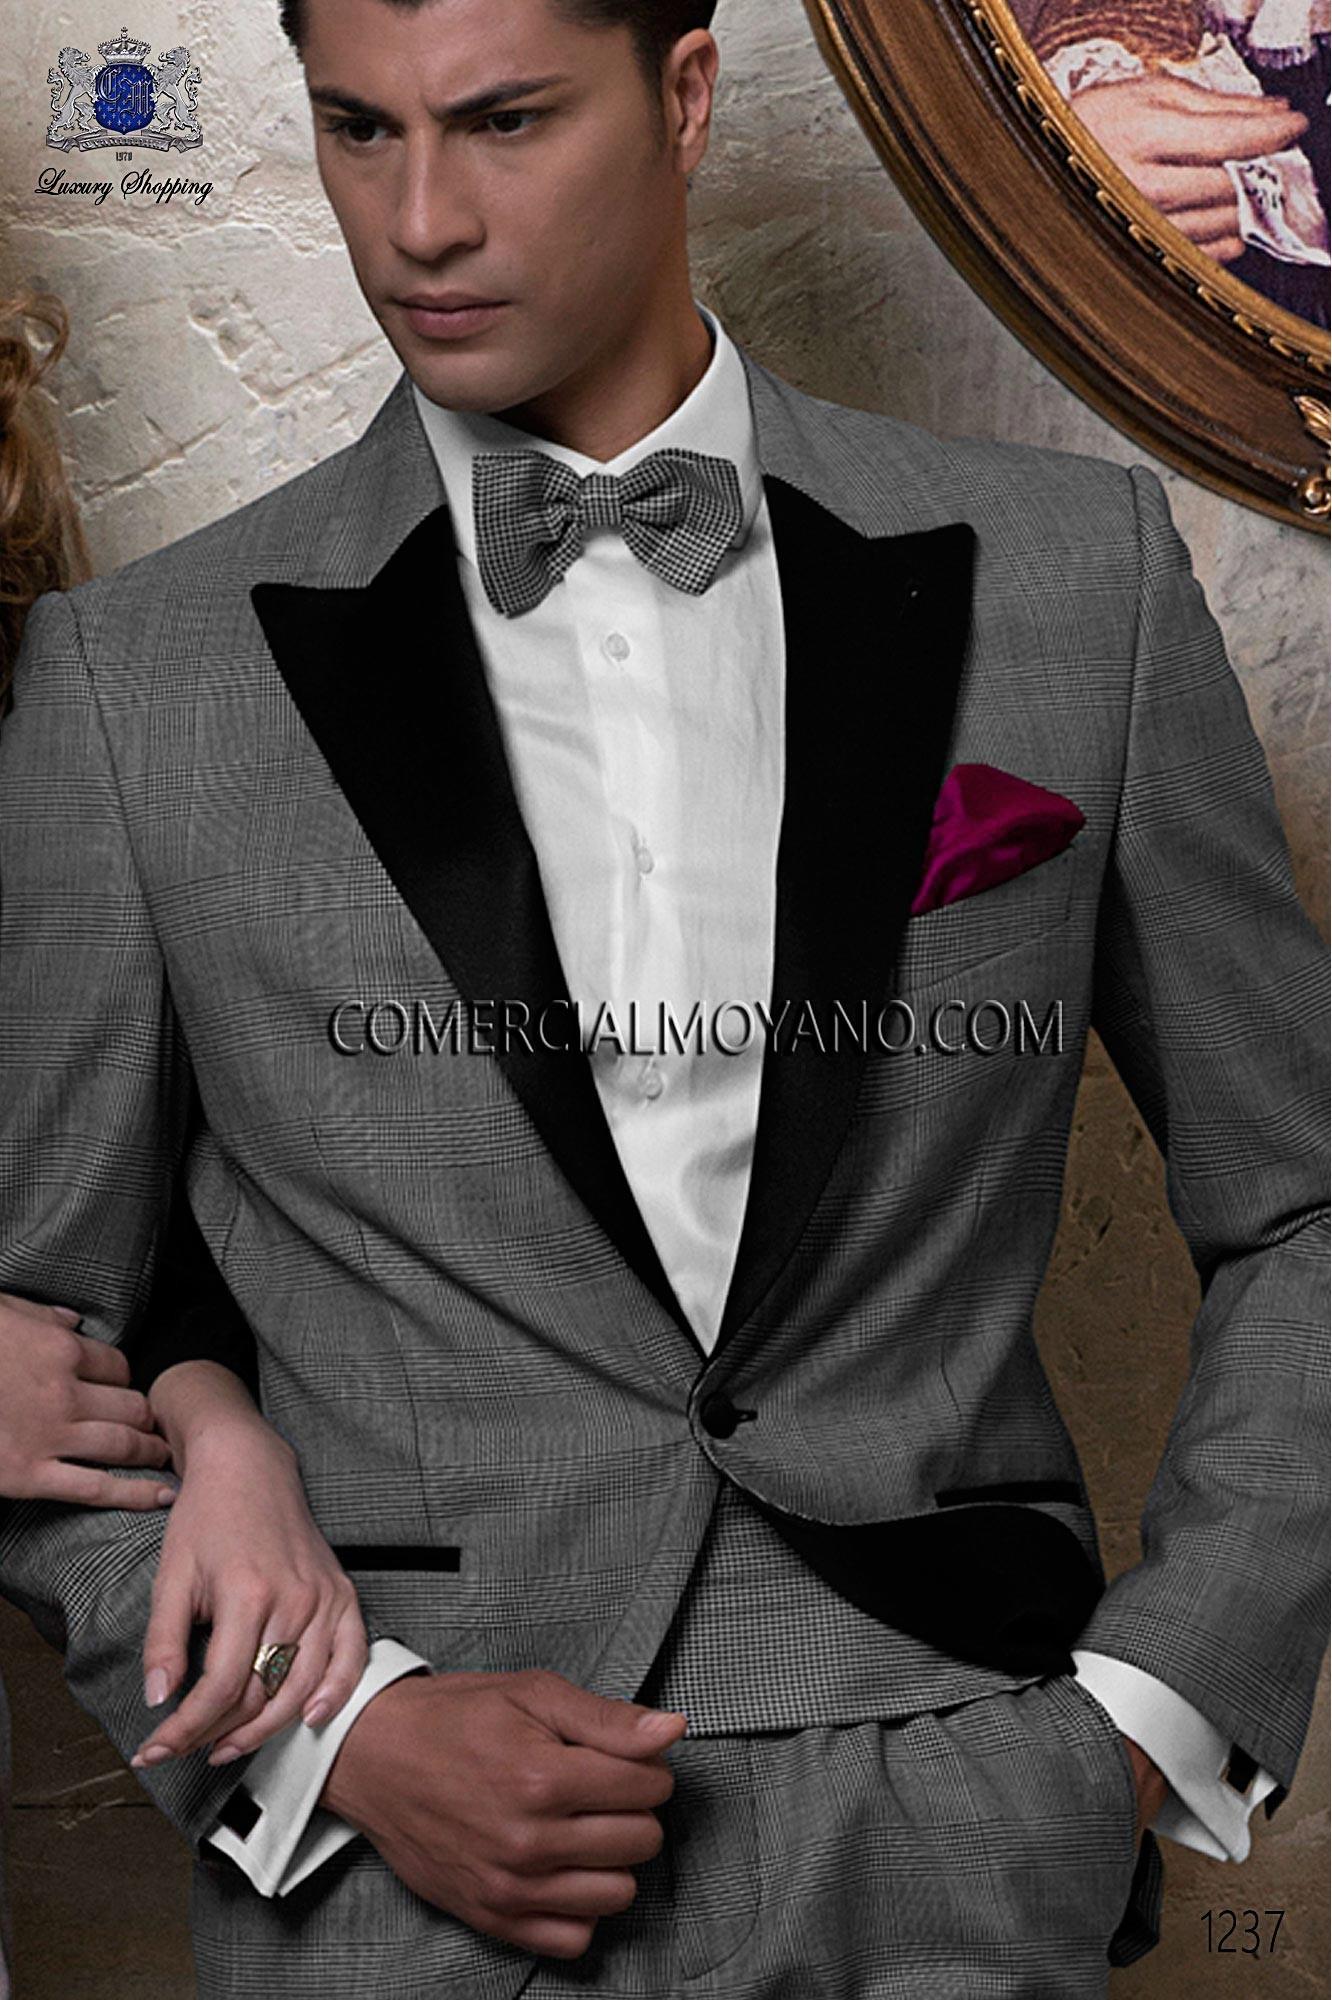 Italian blacktie Gray men wedding suit, model: 1237 Ottavio Nuccio Gala Black Tie Collection